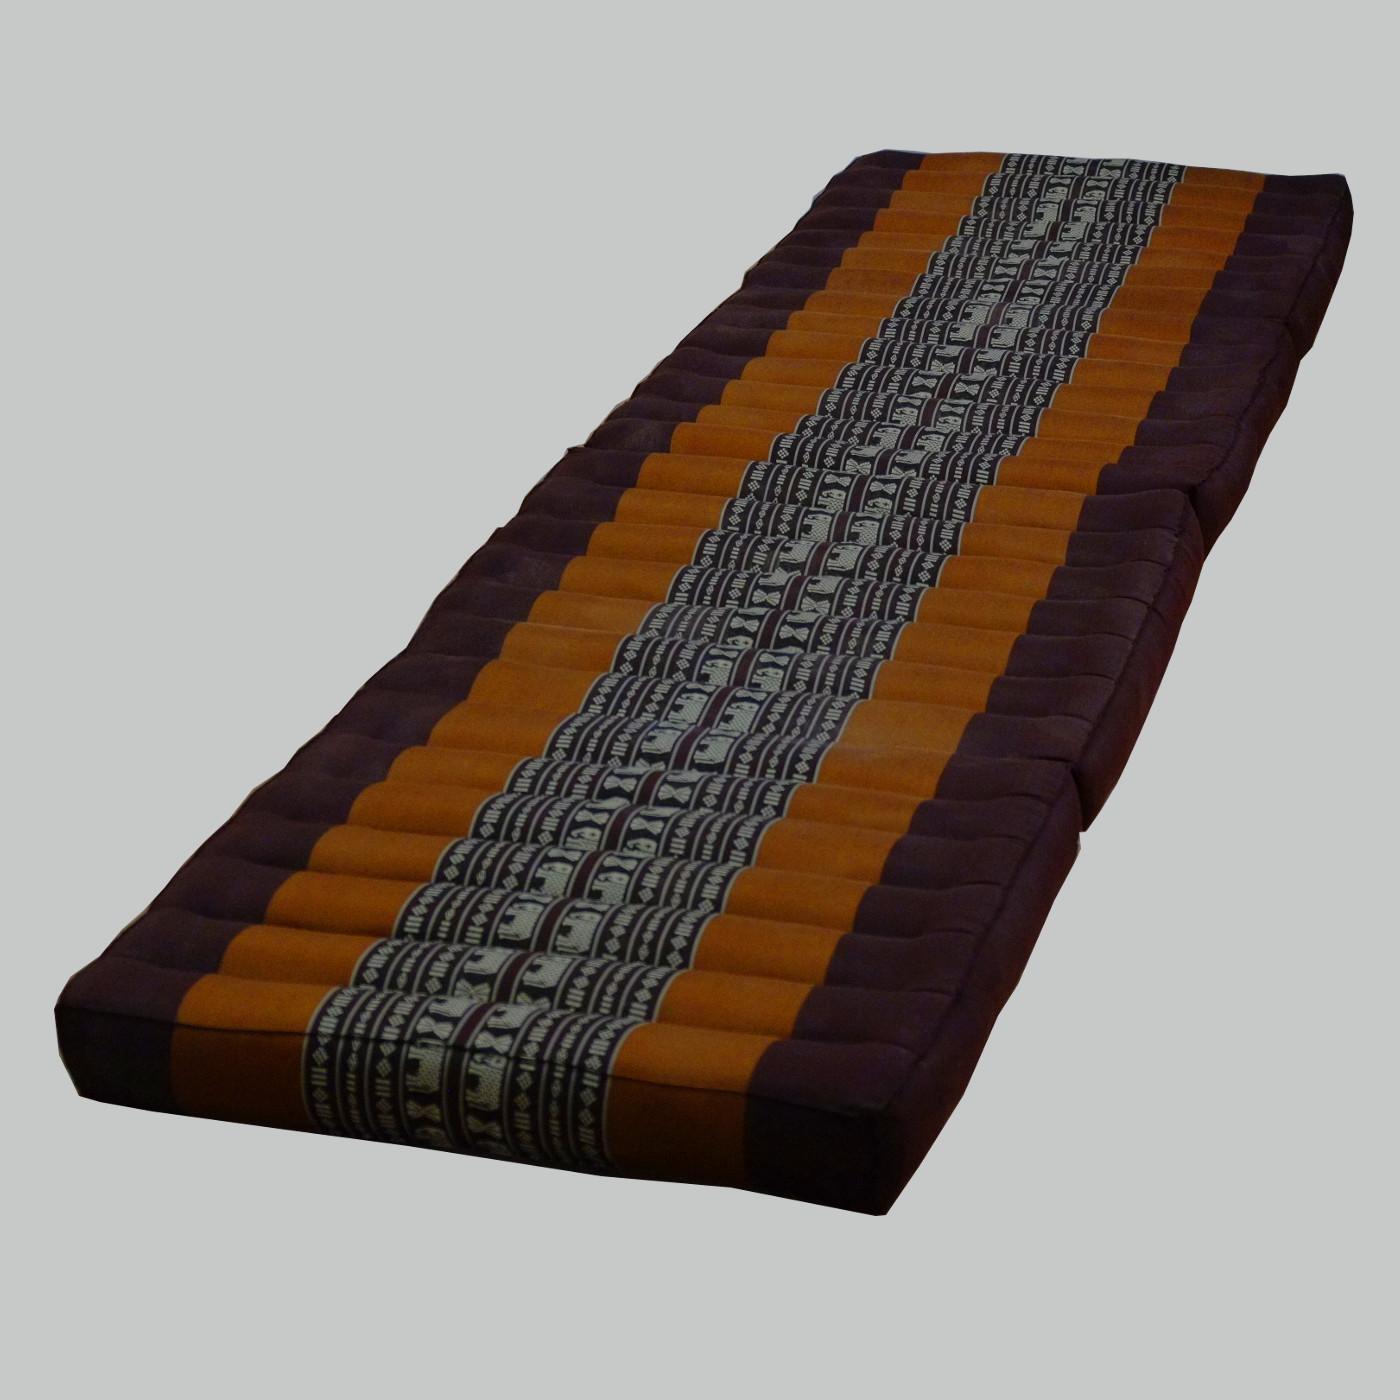 thai klappmatratze 4 auflagen 55 cm breit batavia. Black Bedroom Furniture Sets. Home Design Ideas